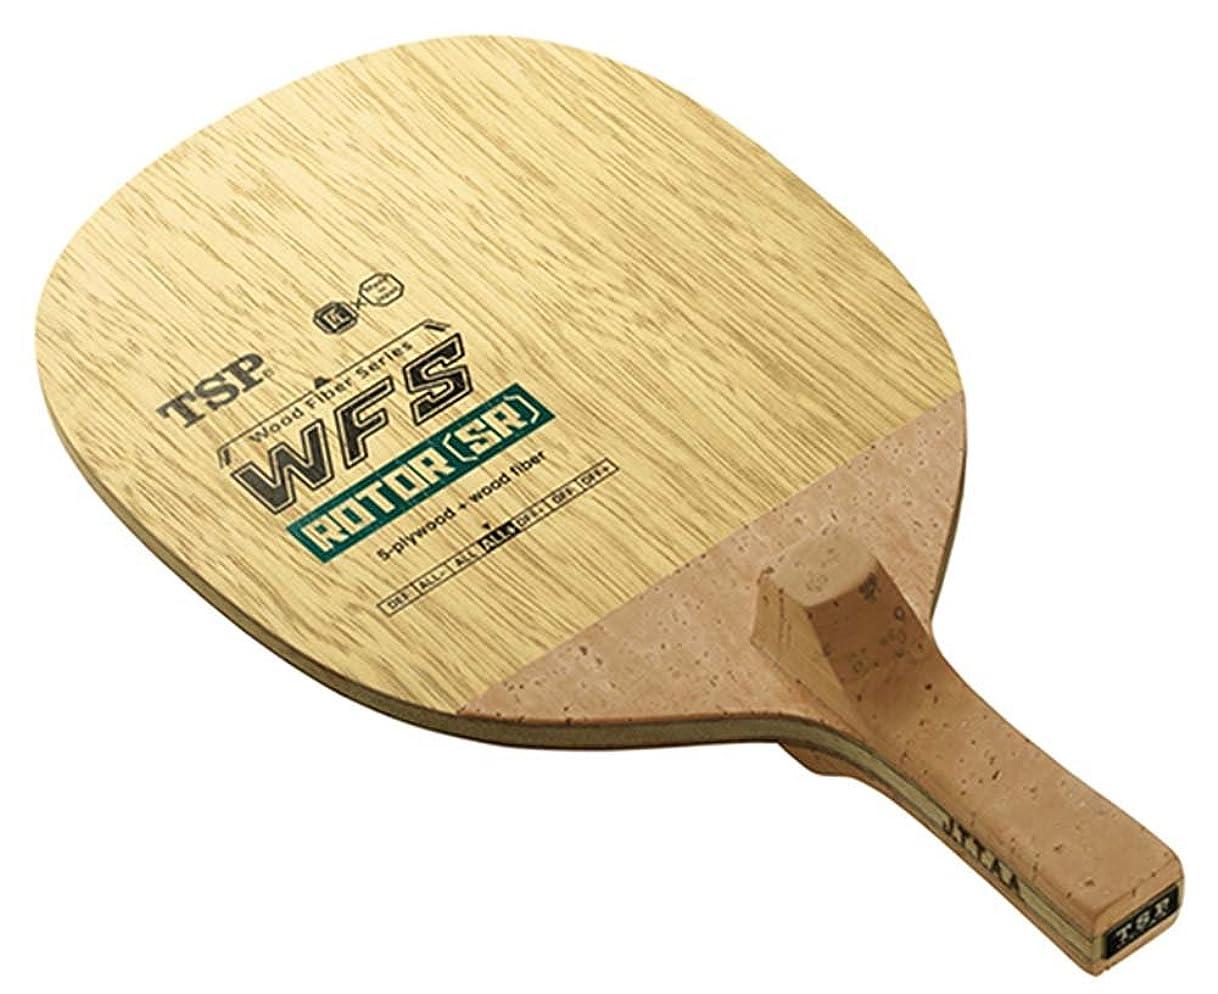 オープニング地球変なティーエスピー(TSP) 卓球 ラケット 反転式ペン WFS ローター SR(角丸型) 026622